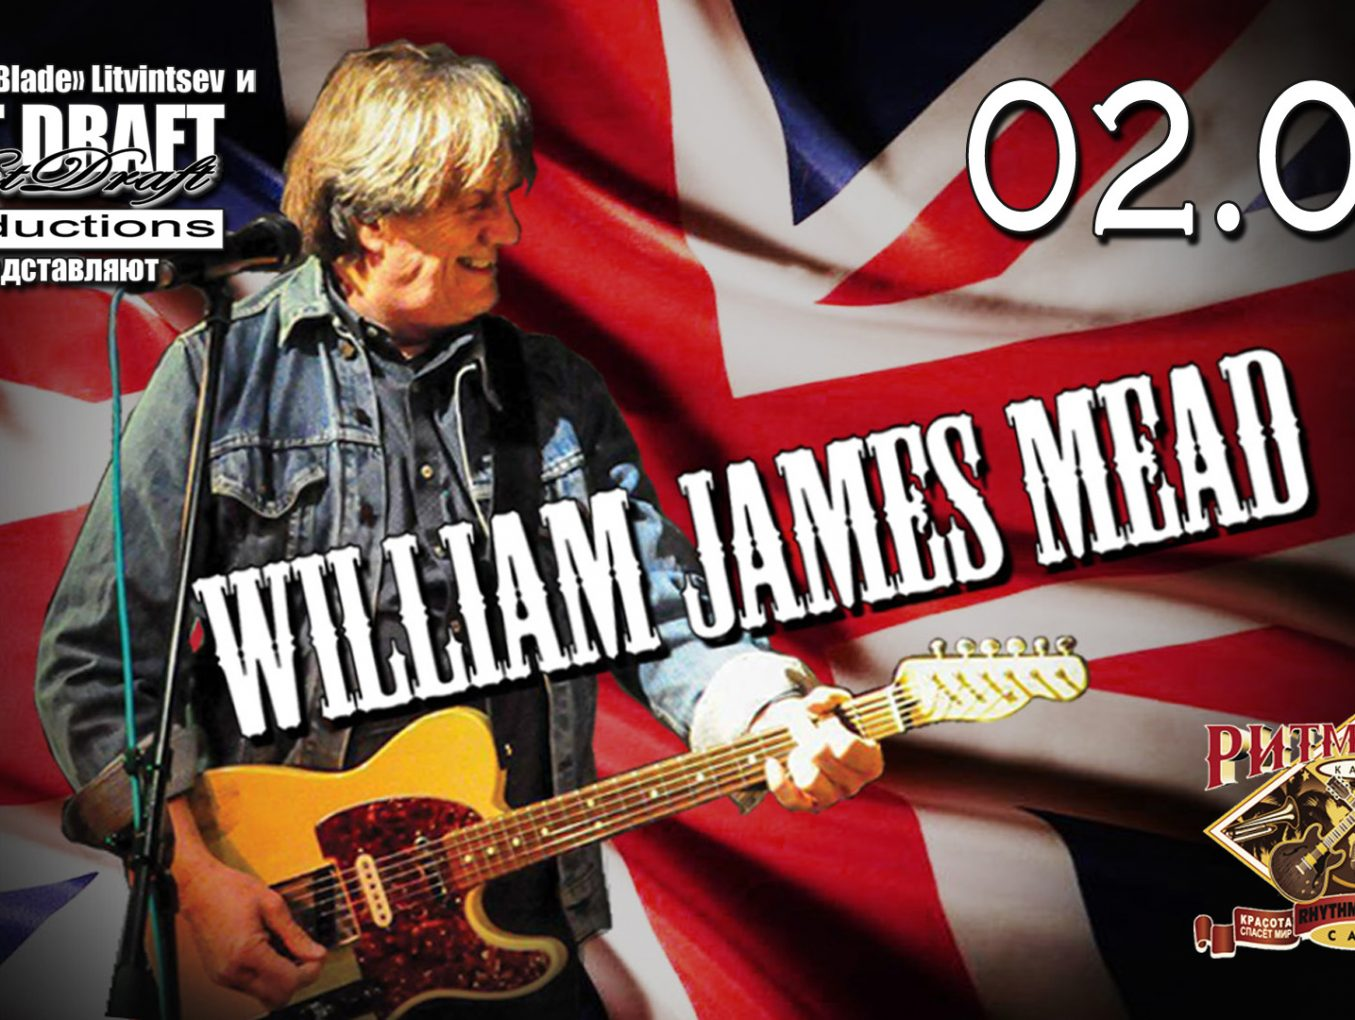 Британское вторжение / William James Mead ( UK )